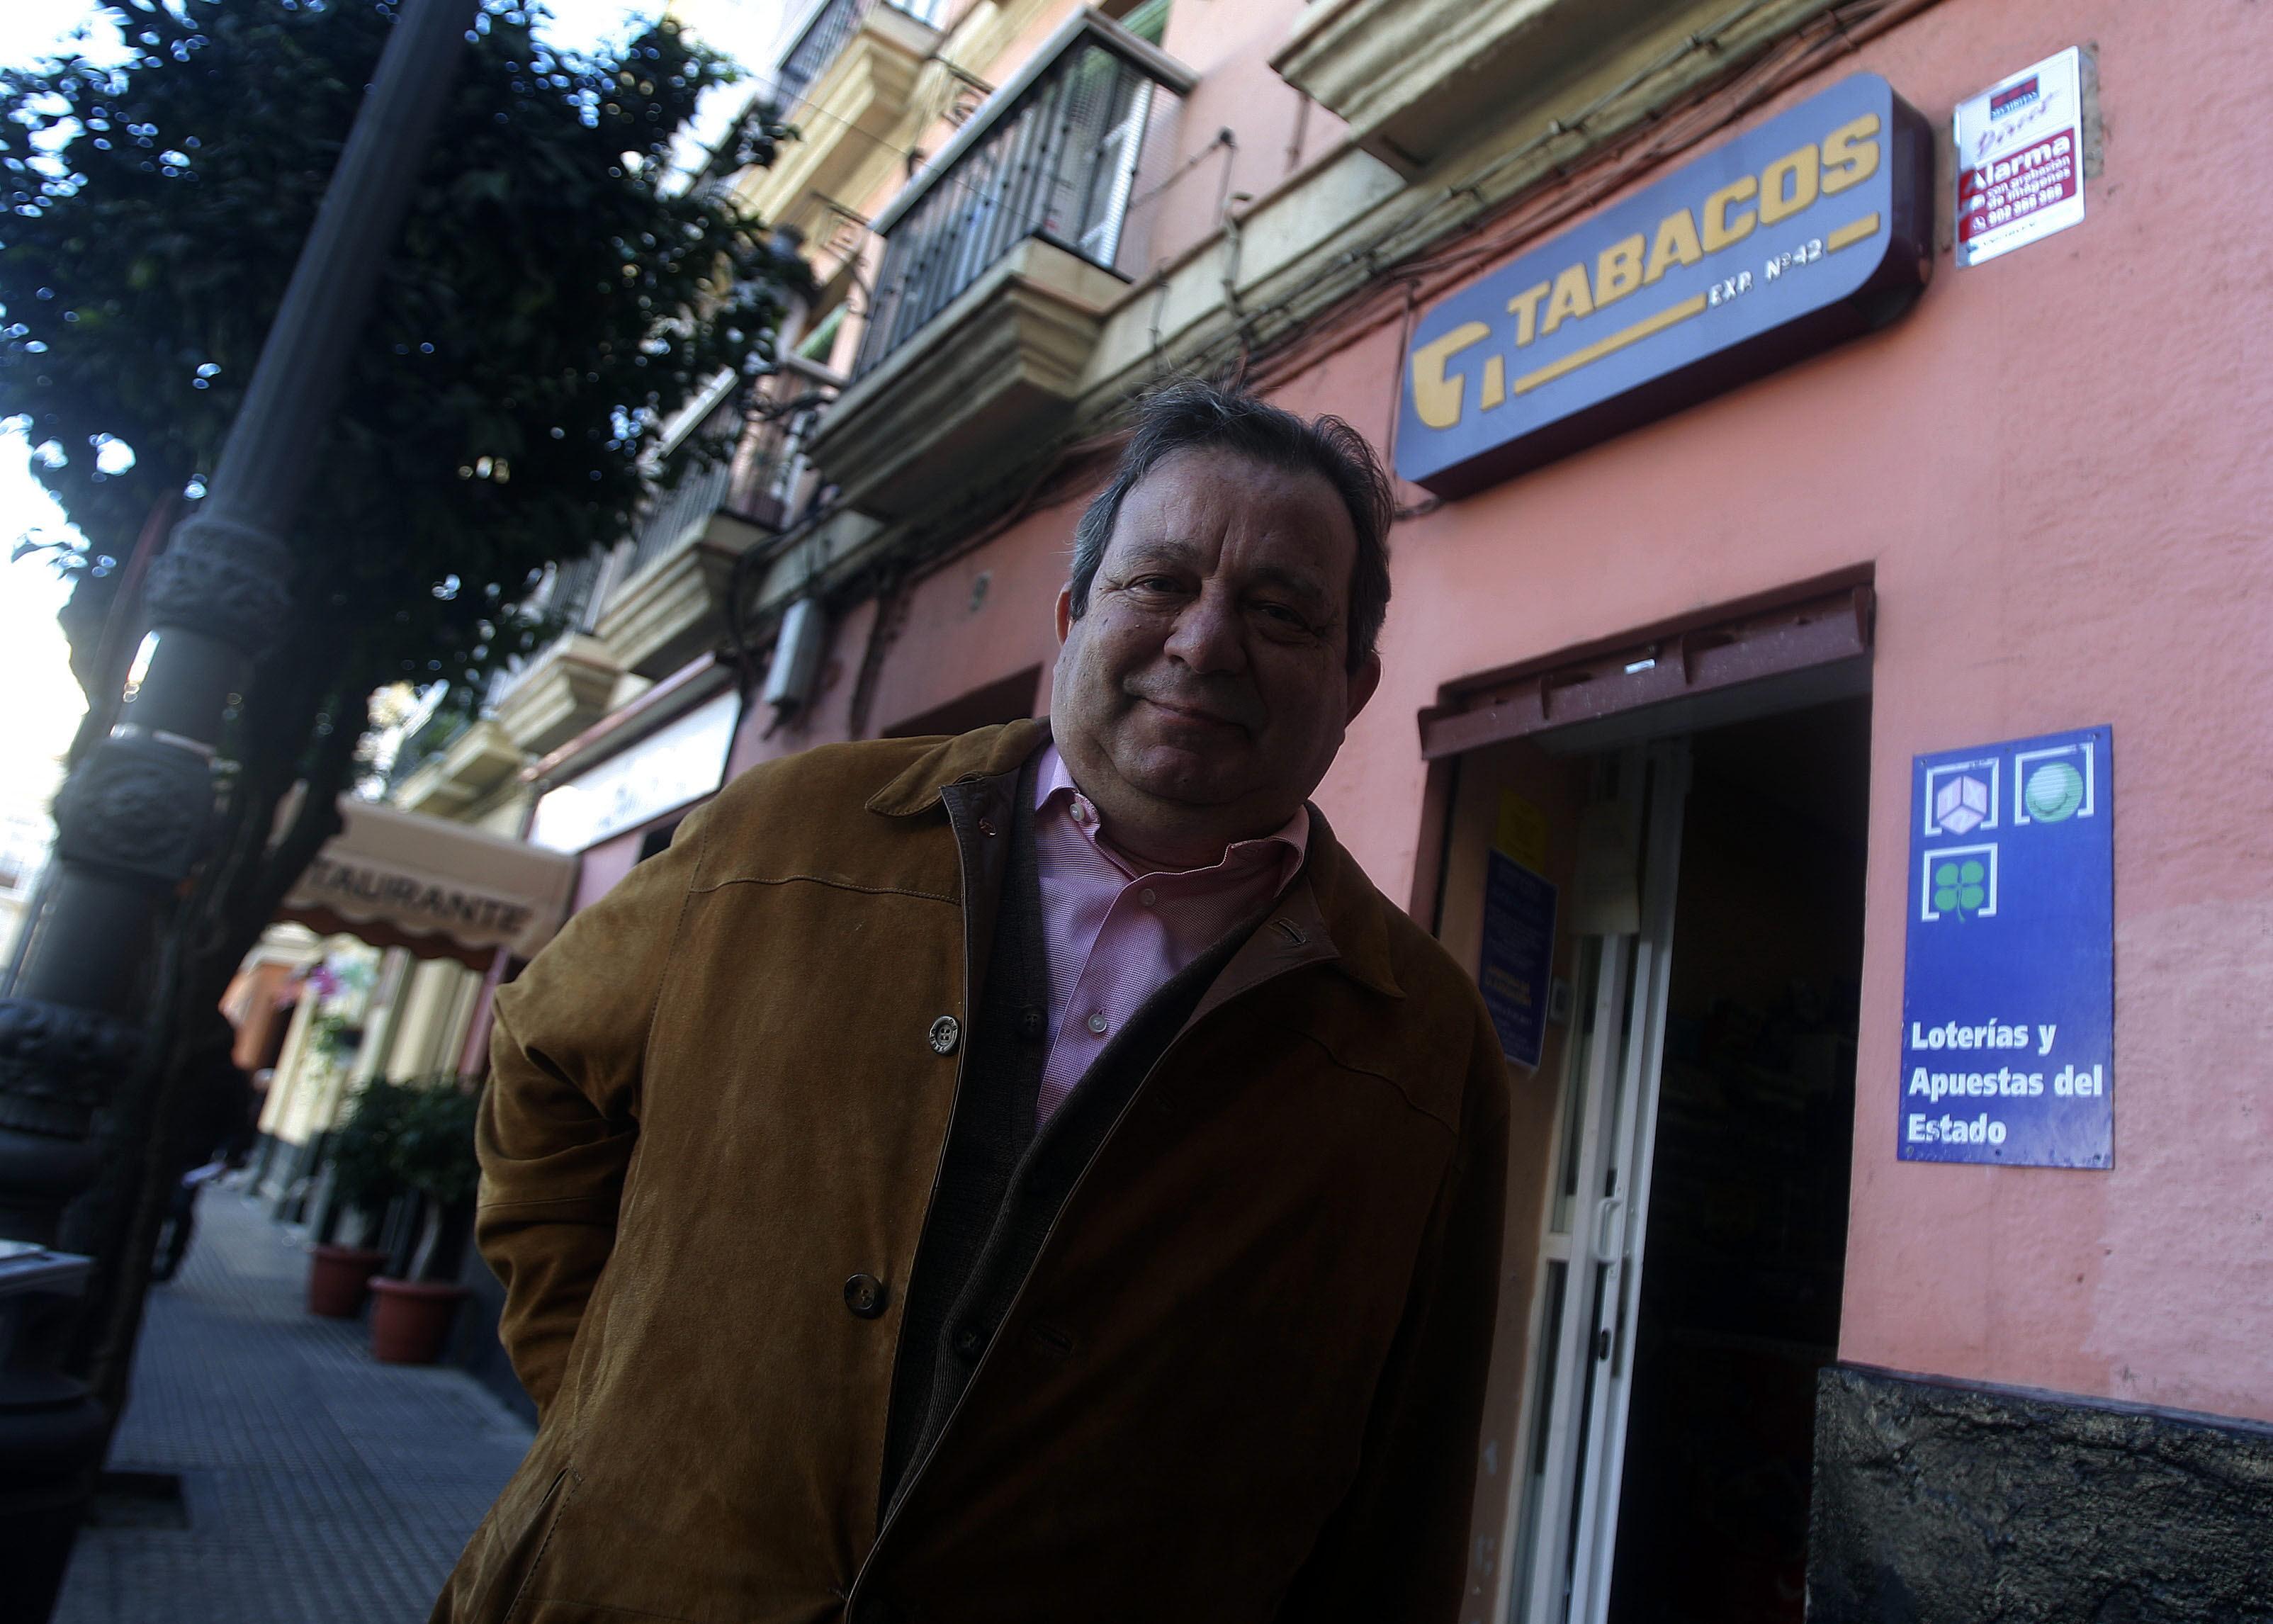 La dimisión de Quico Zamora abre una nueva crisis entre los autores del Carnaval de Cádiz